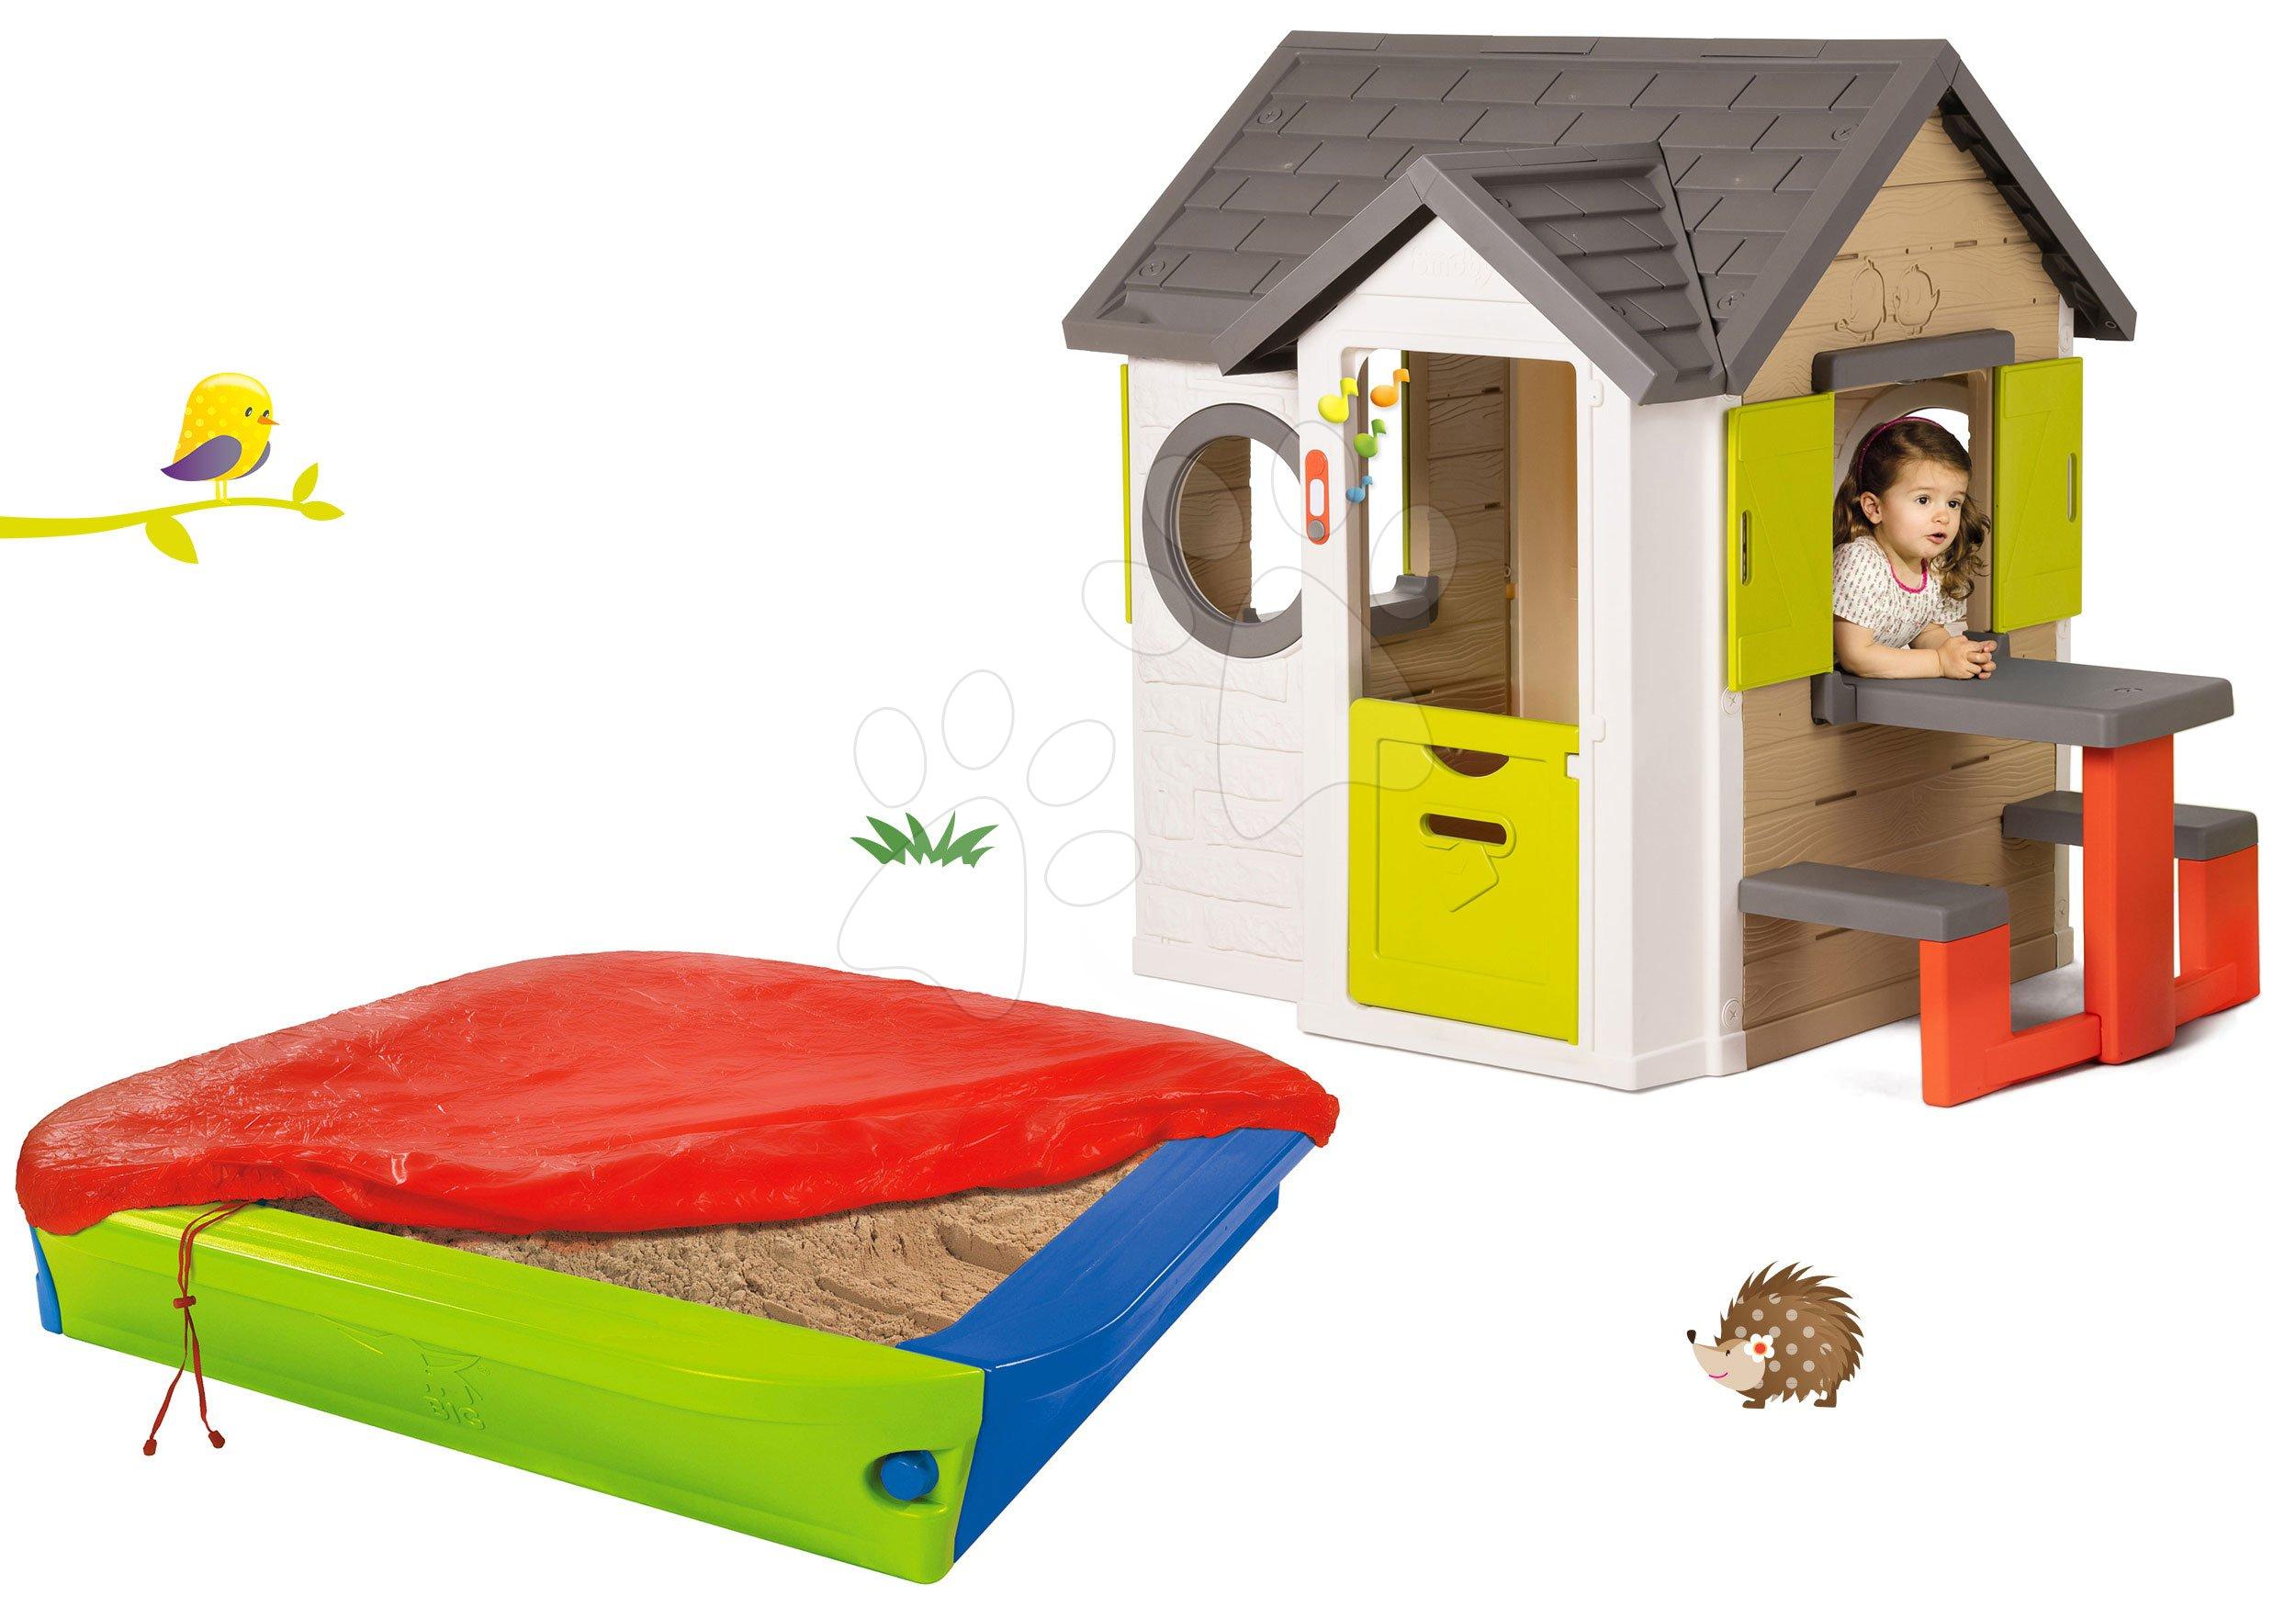 Smoby set detský domček My House Smoby so zvončekom a pieskovisko s krycou plachtou 810401-21